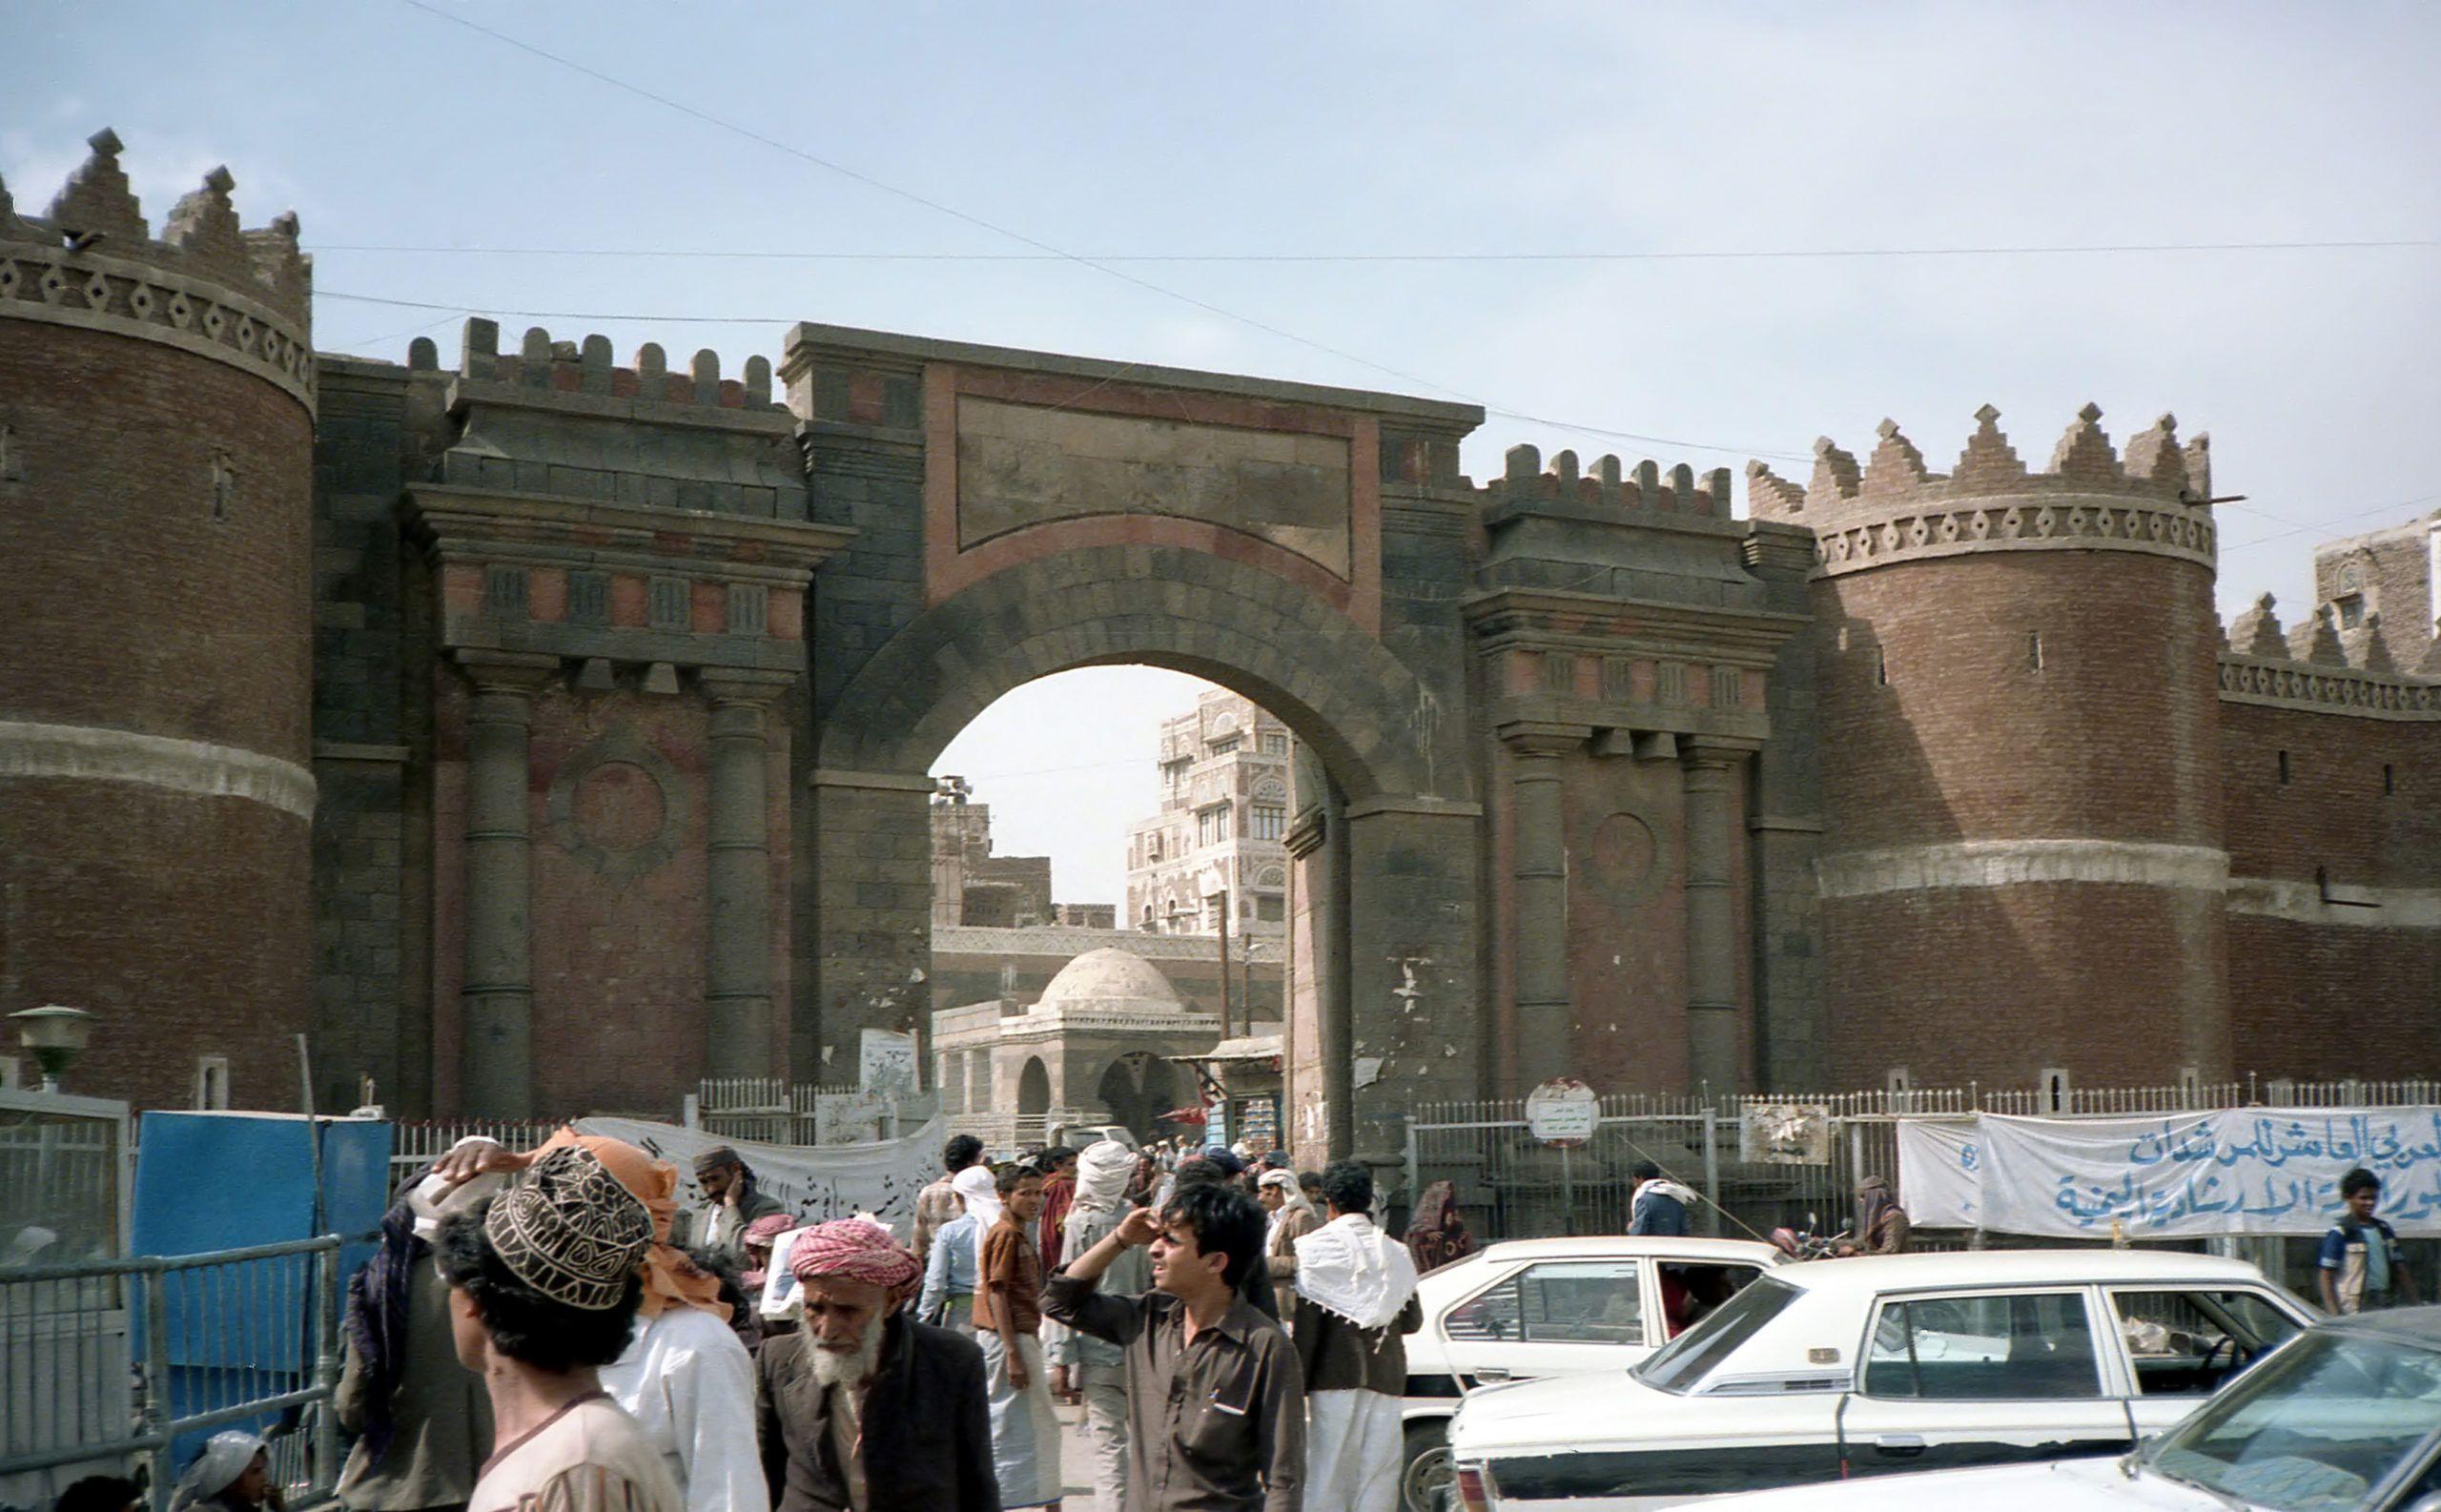 Image of Yemen